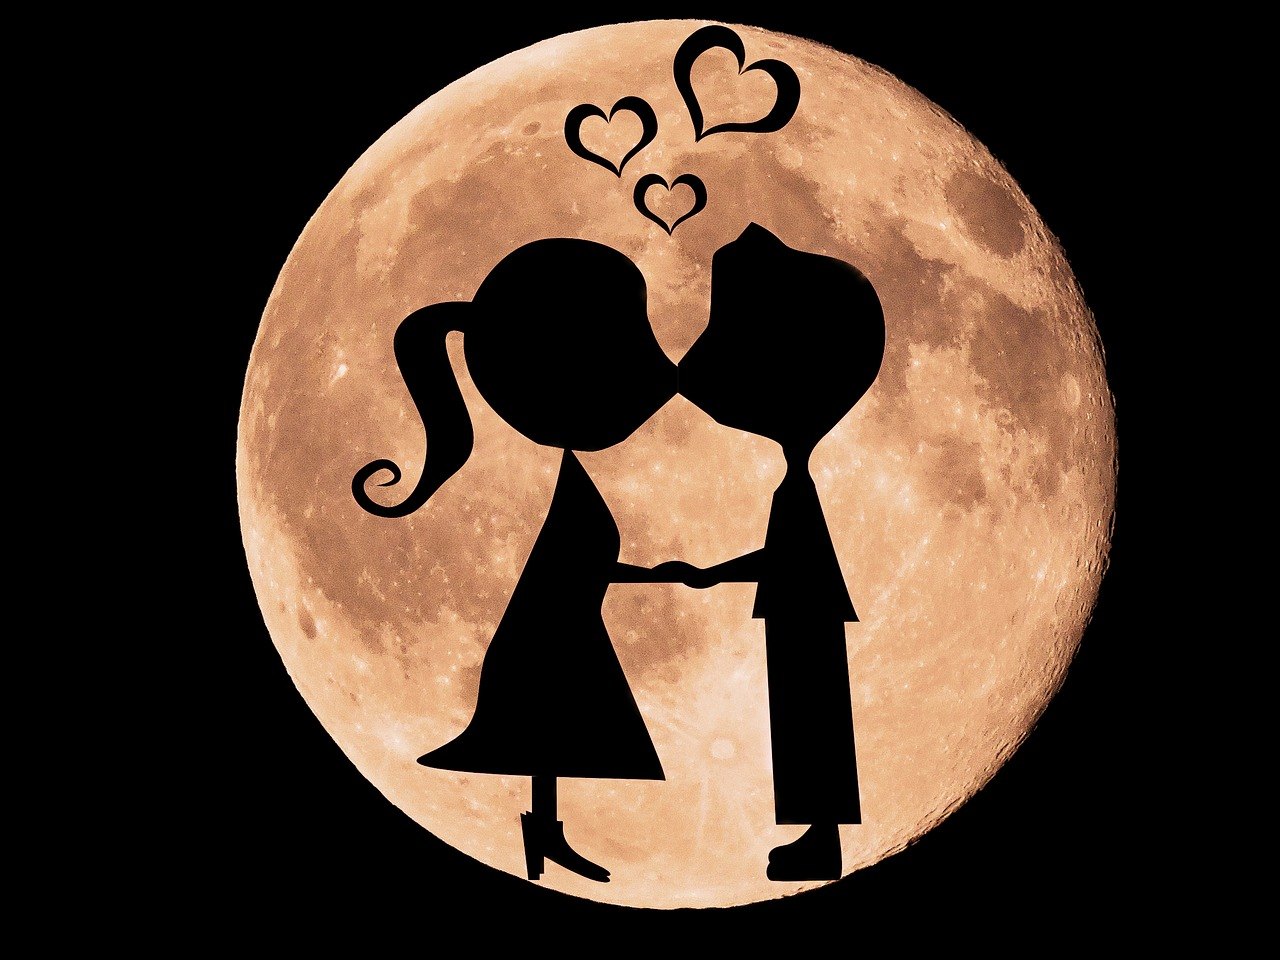 ニ黒土星の恋愛